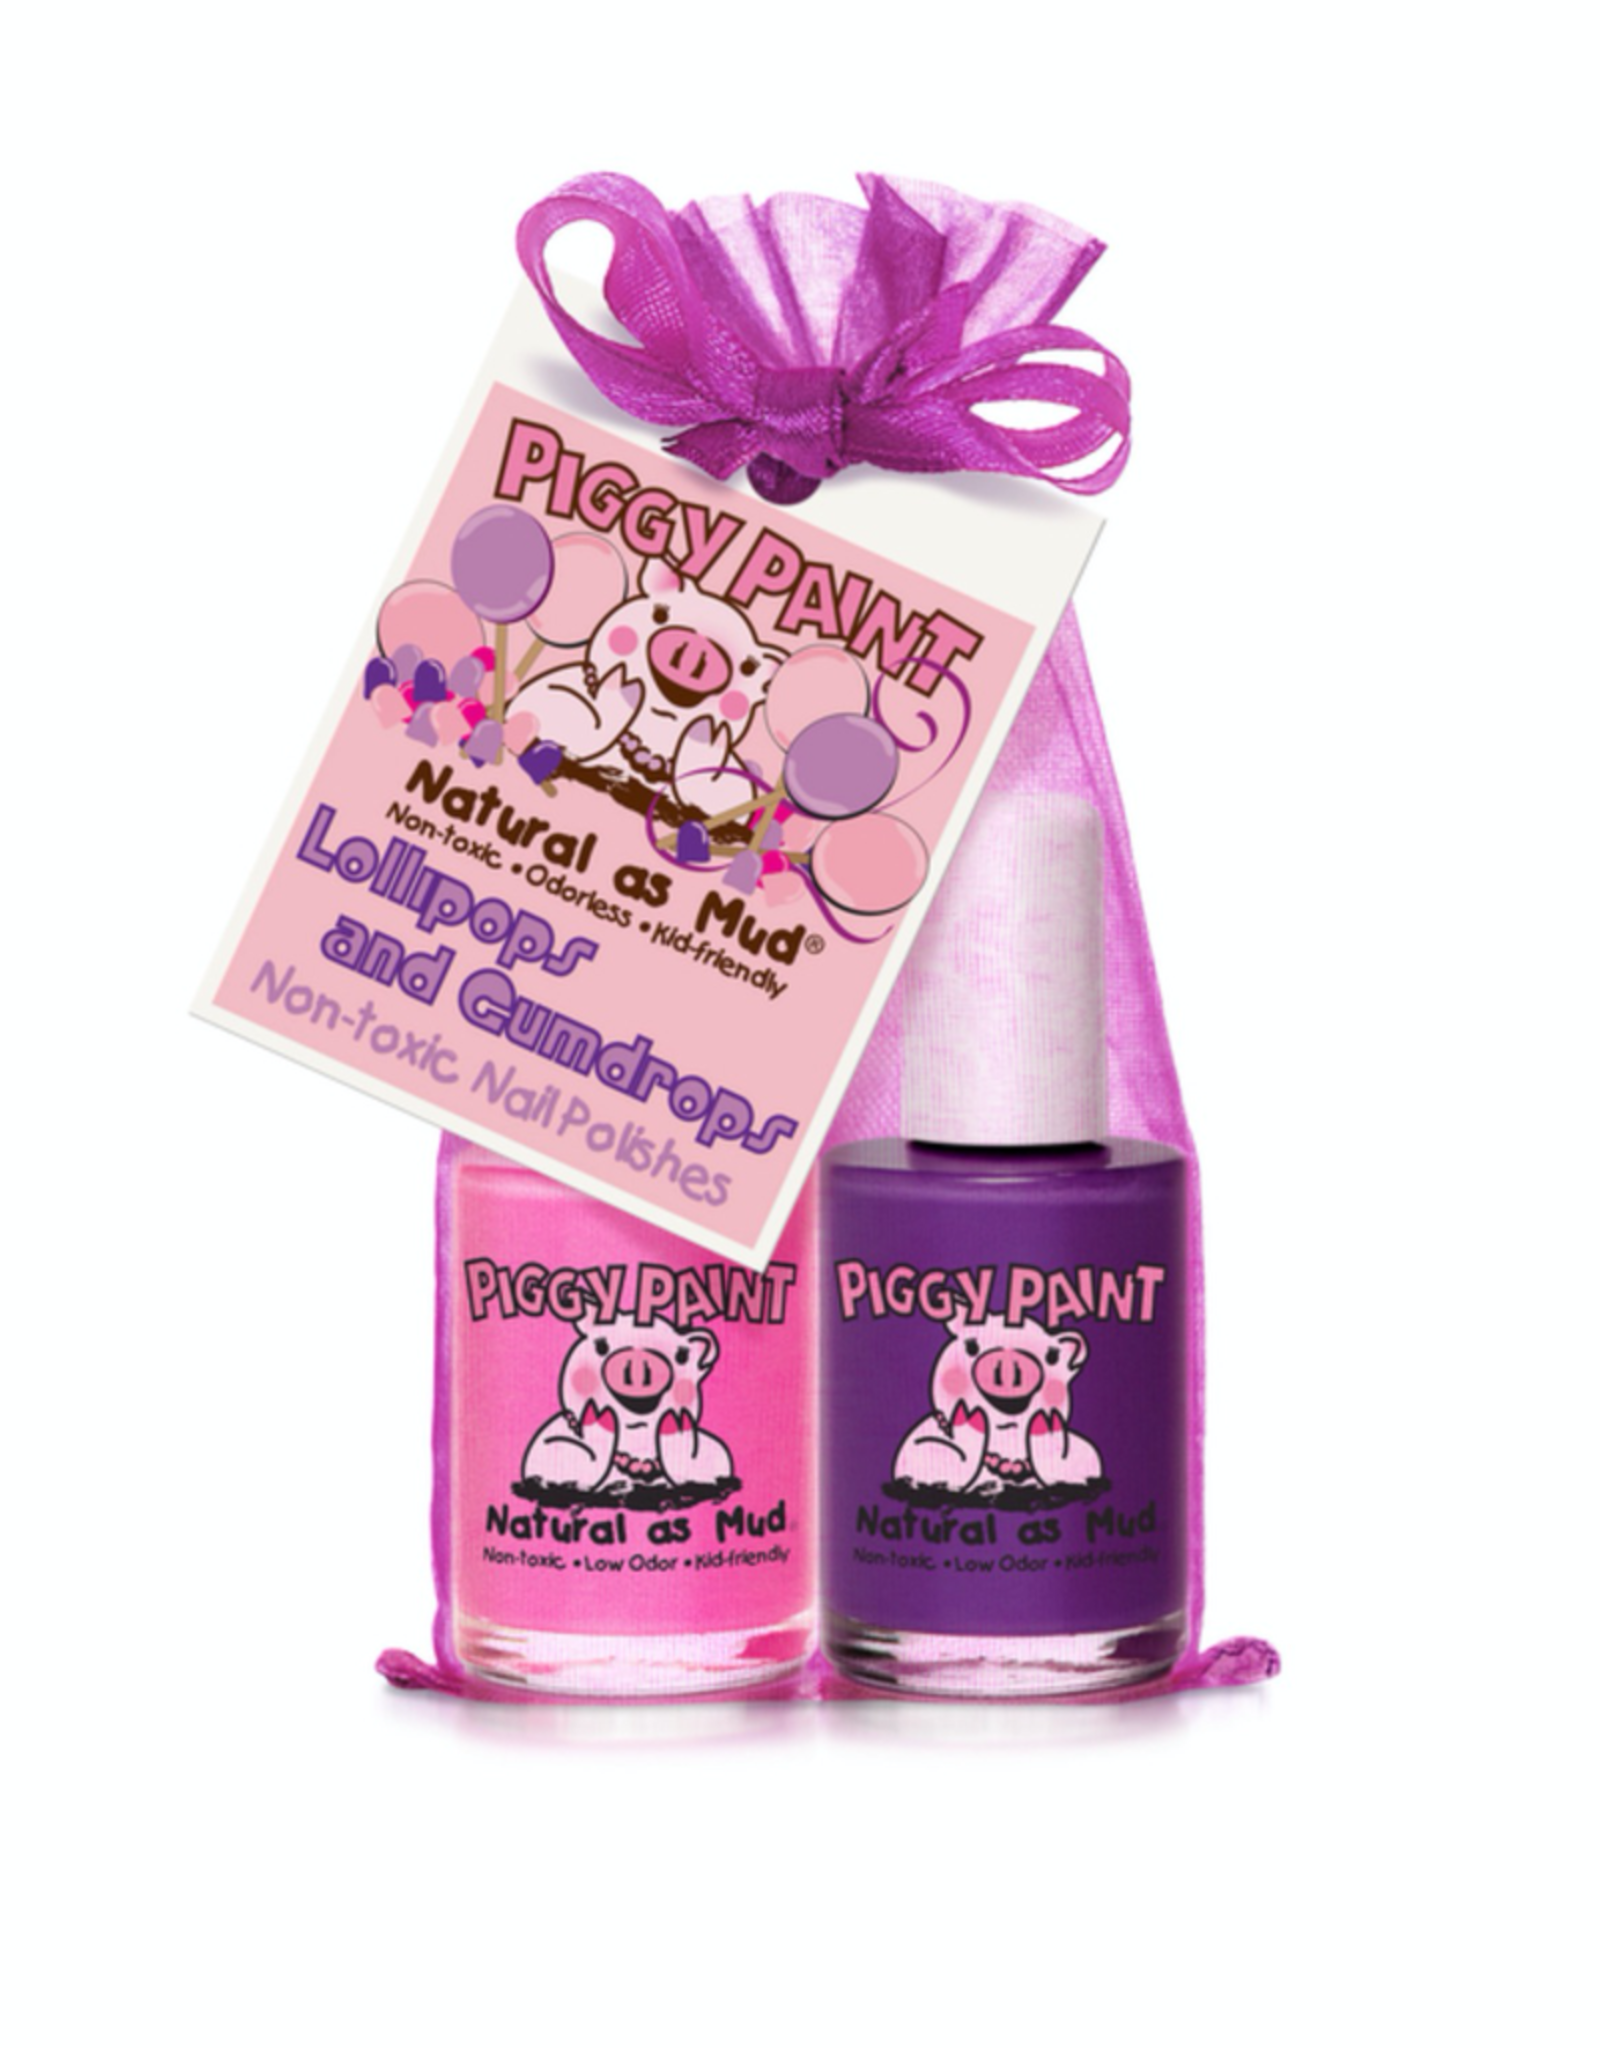 Piggy Paint Lollipops & Gumdrop Nail Polish 2 pack, Jazz it Up/Girls Rule, .24oz